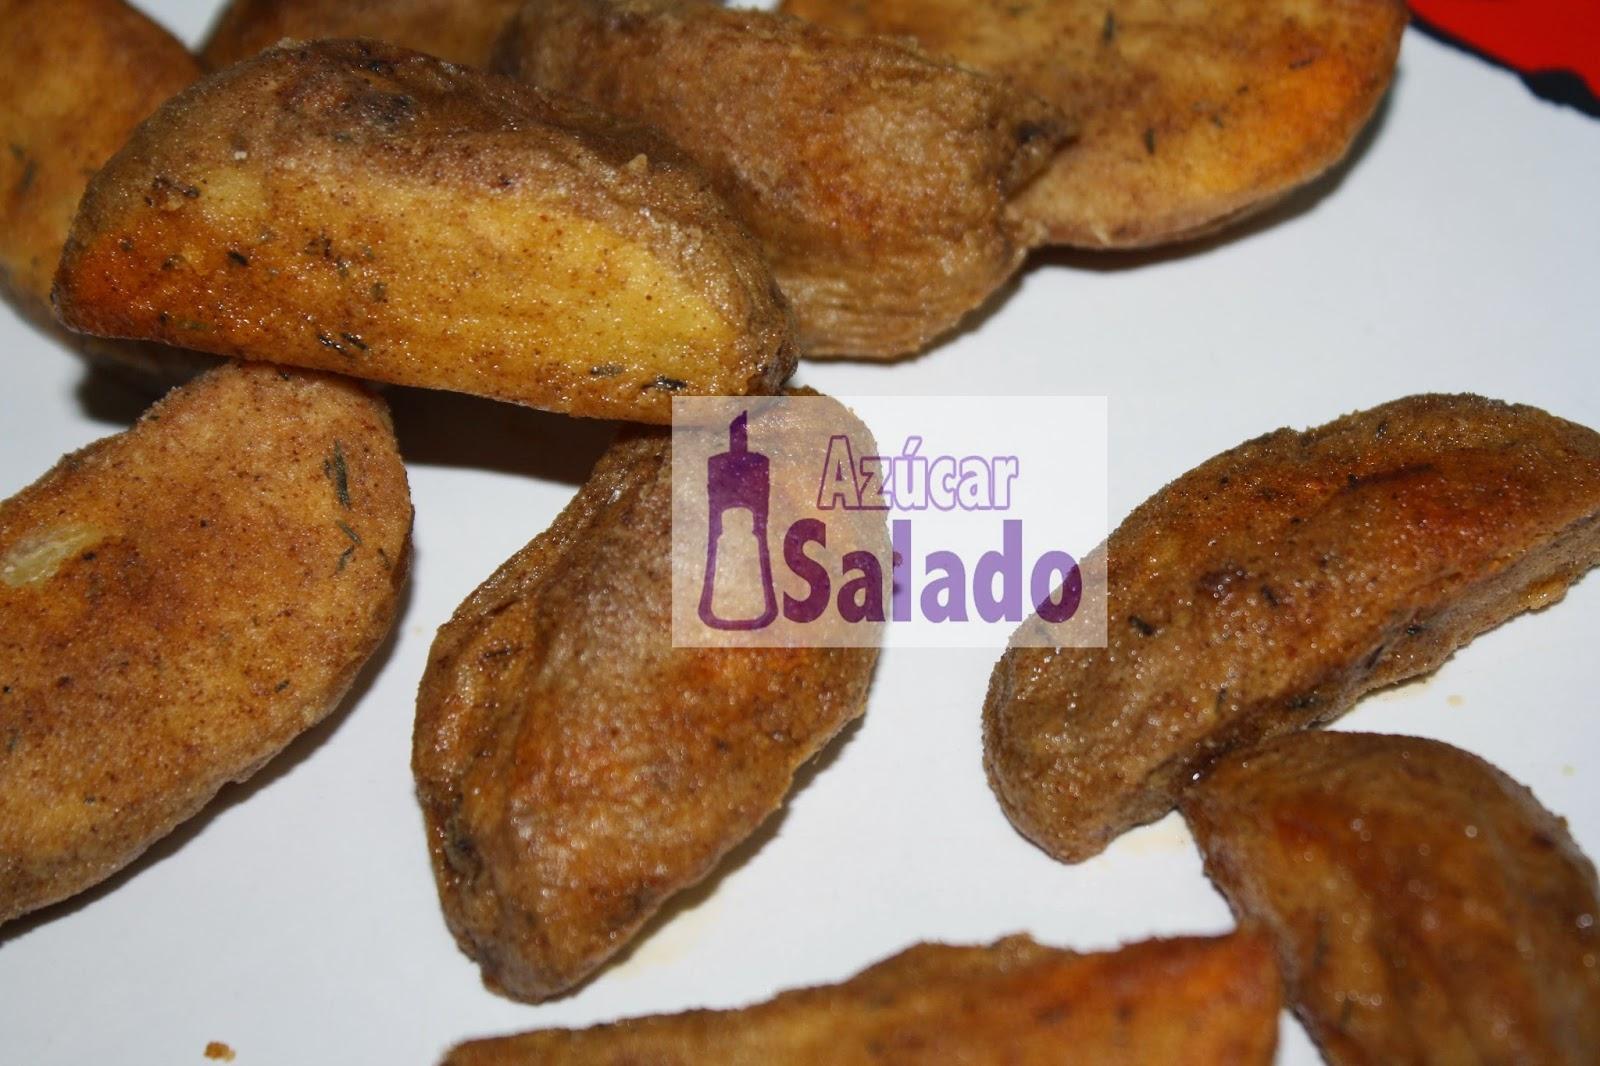 patatas con especies